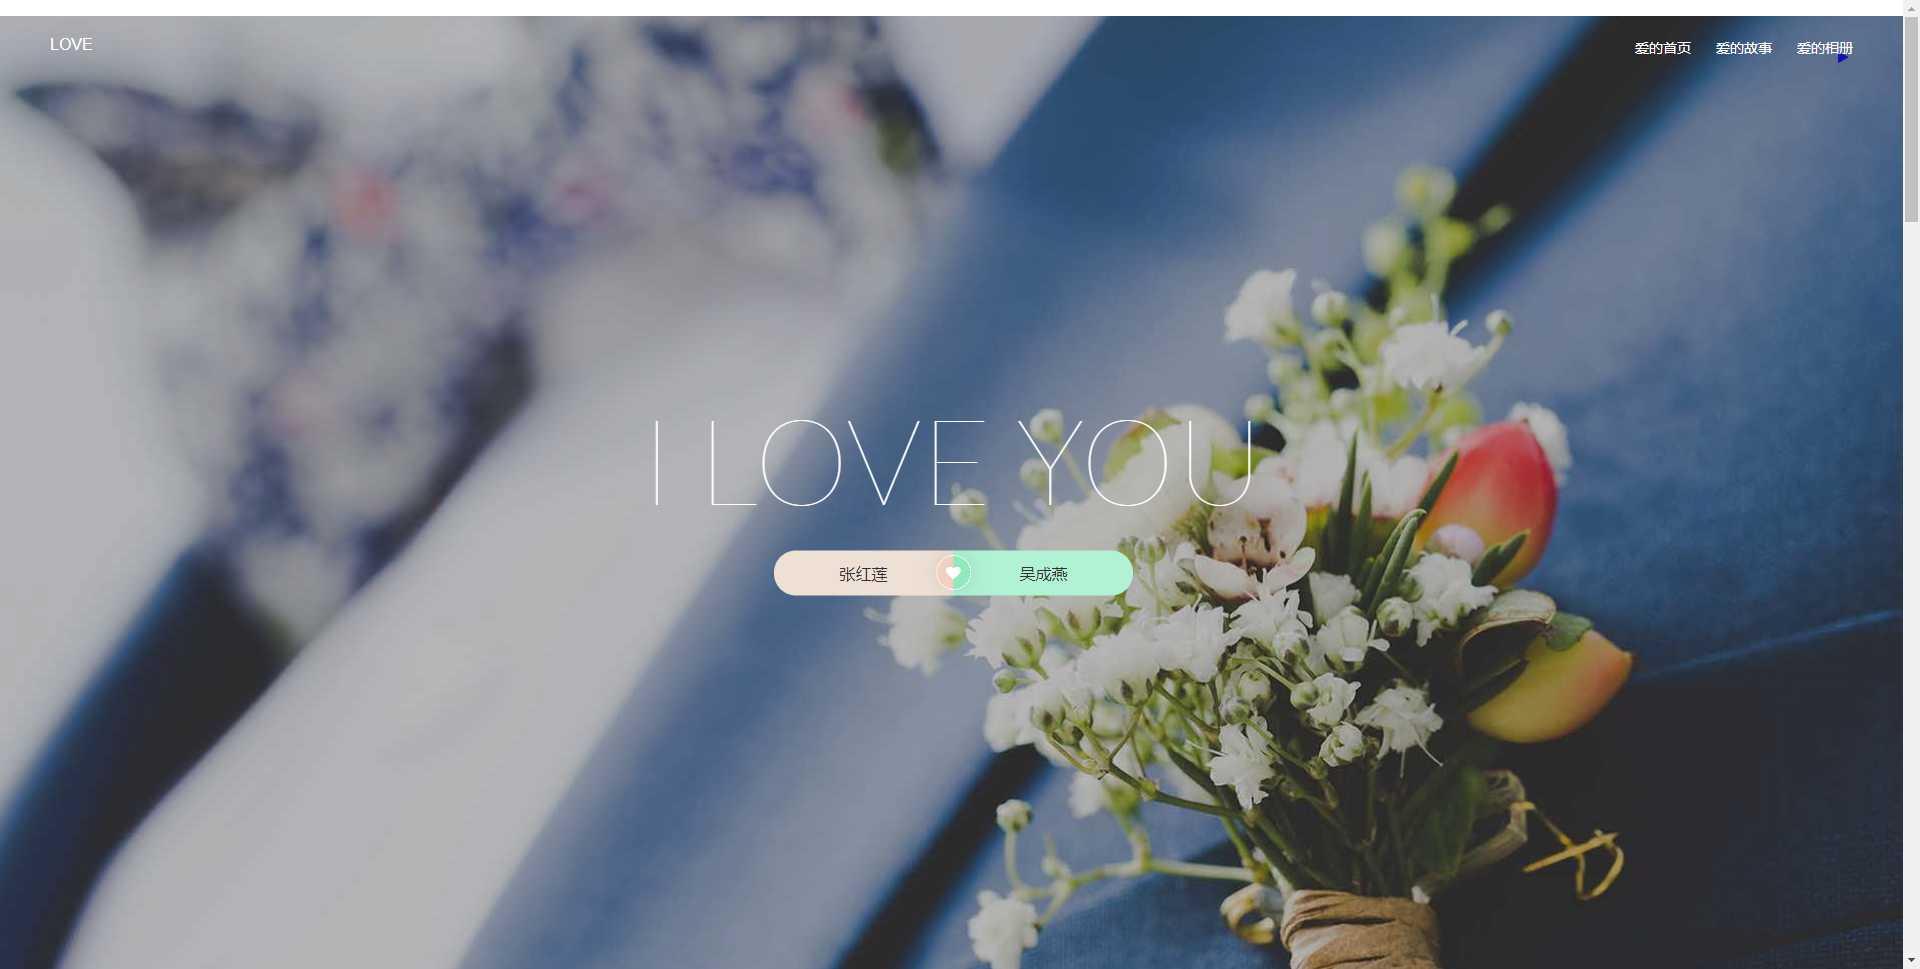 一款好看的情侣表白单页源码,13-20-42-042.jpg,分享,百度,表白,单页,免费,域名,第1张